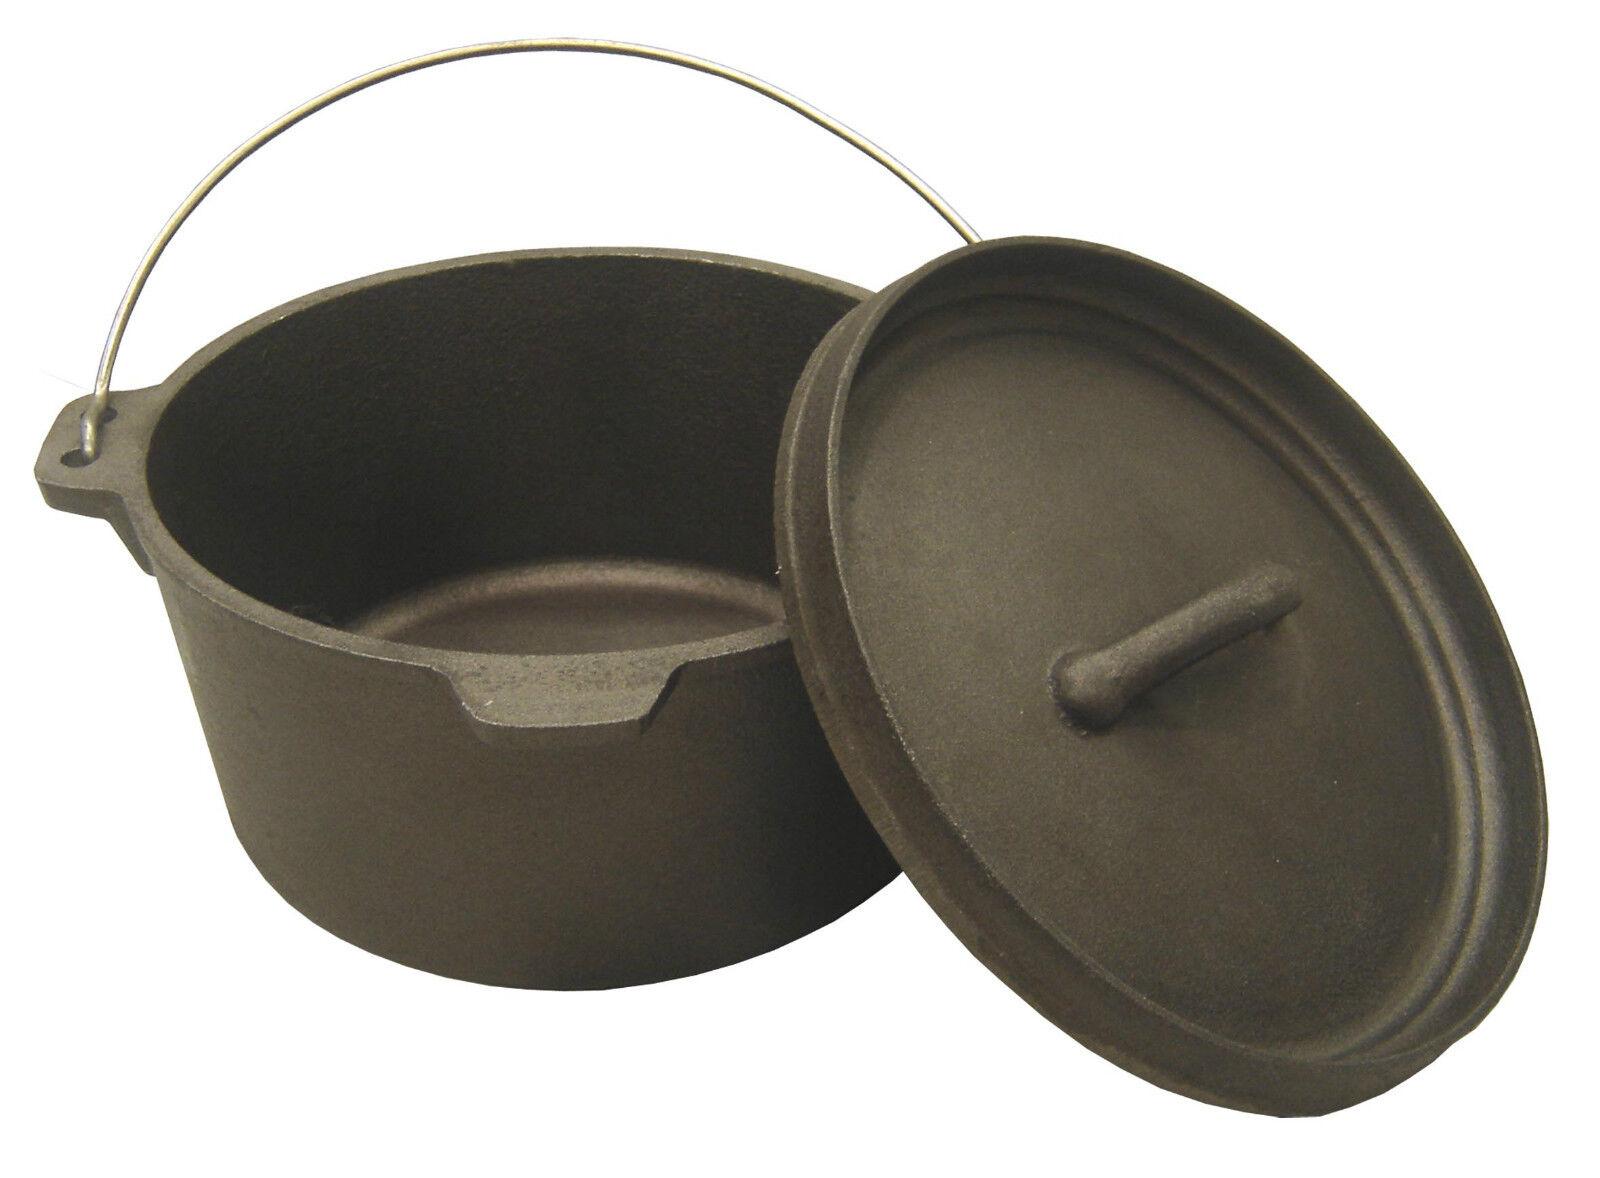 Cast Iron Dutch Dutch Dutch Camp Oven Lipped Lid 1,2.5, 4.5, 9, 9.5,12,16 Quart Camp Cooking d6a354